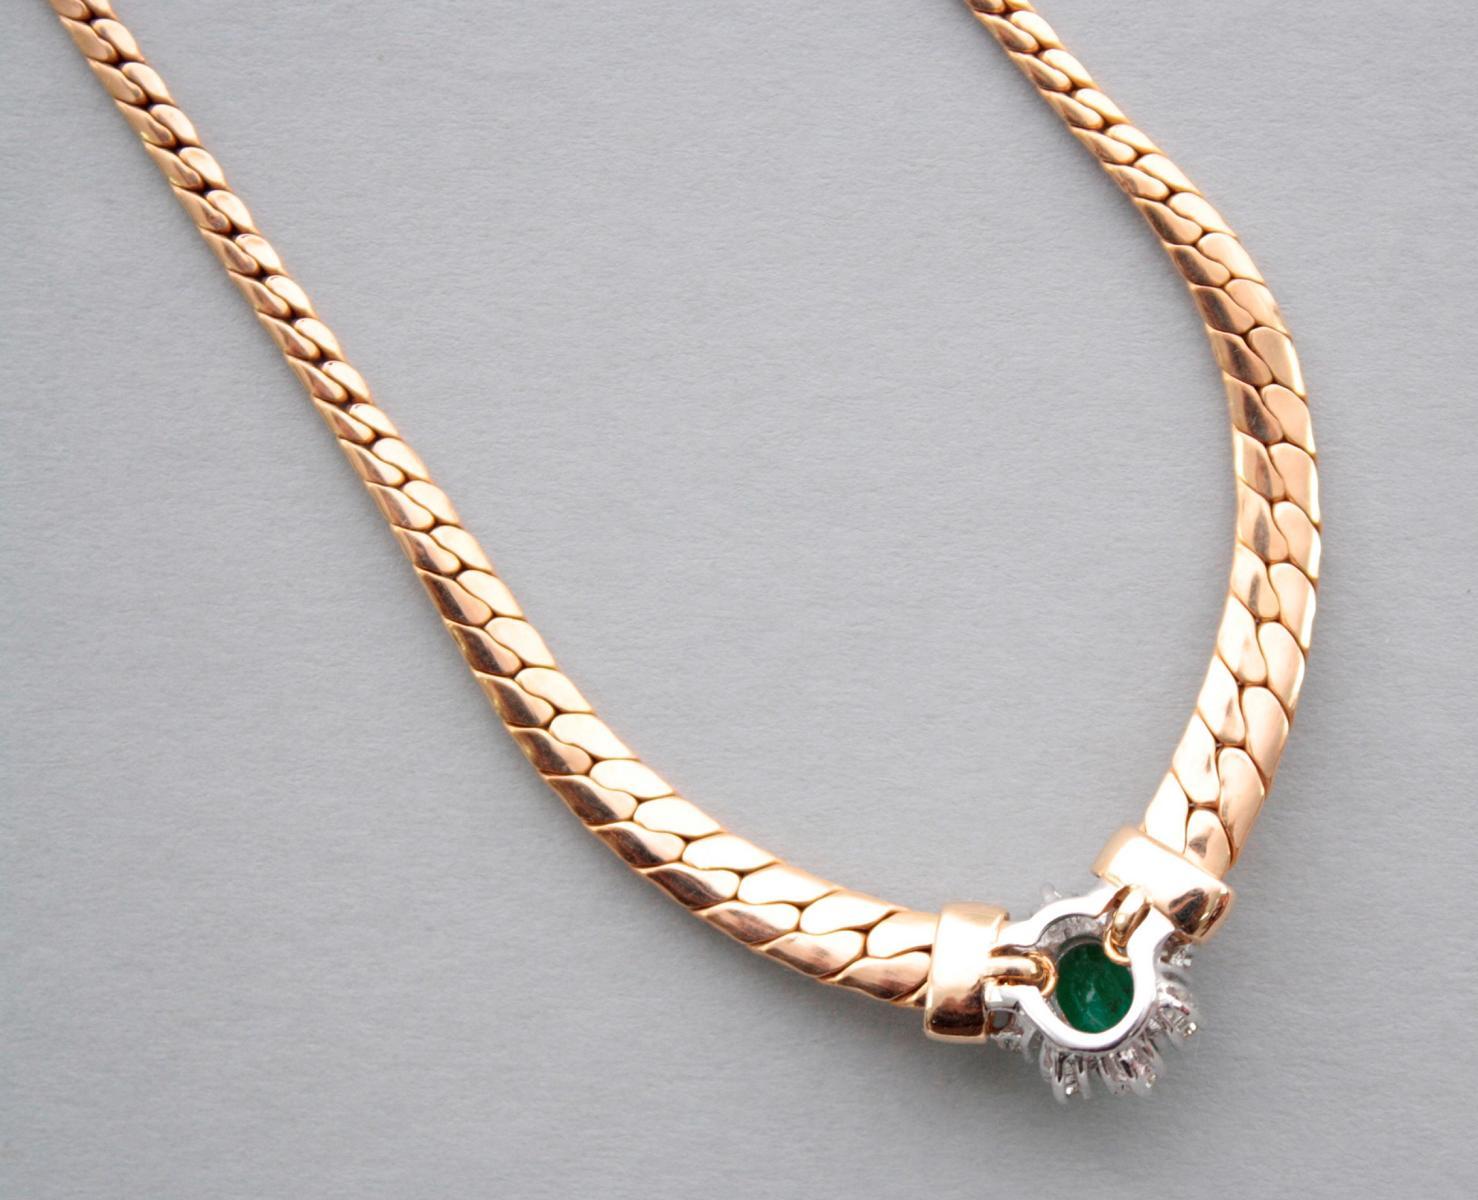 Collier mit Smaragd und Diamanten  14 Karat Gelbgold-4